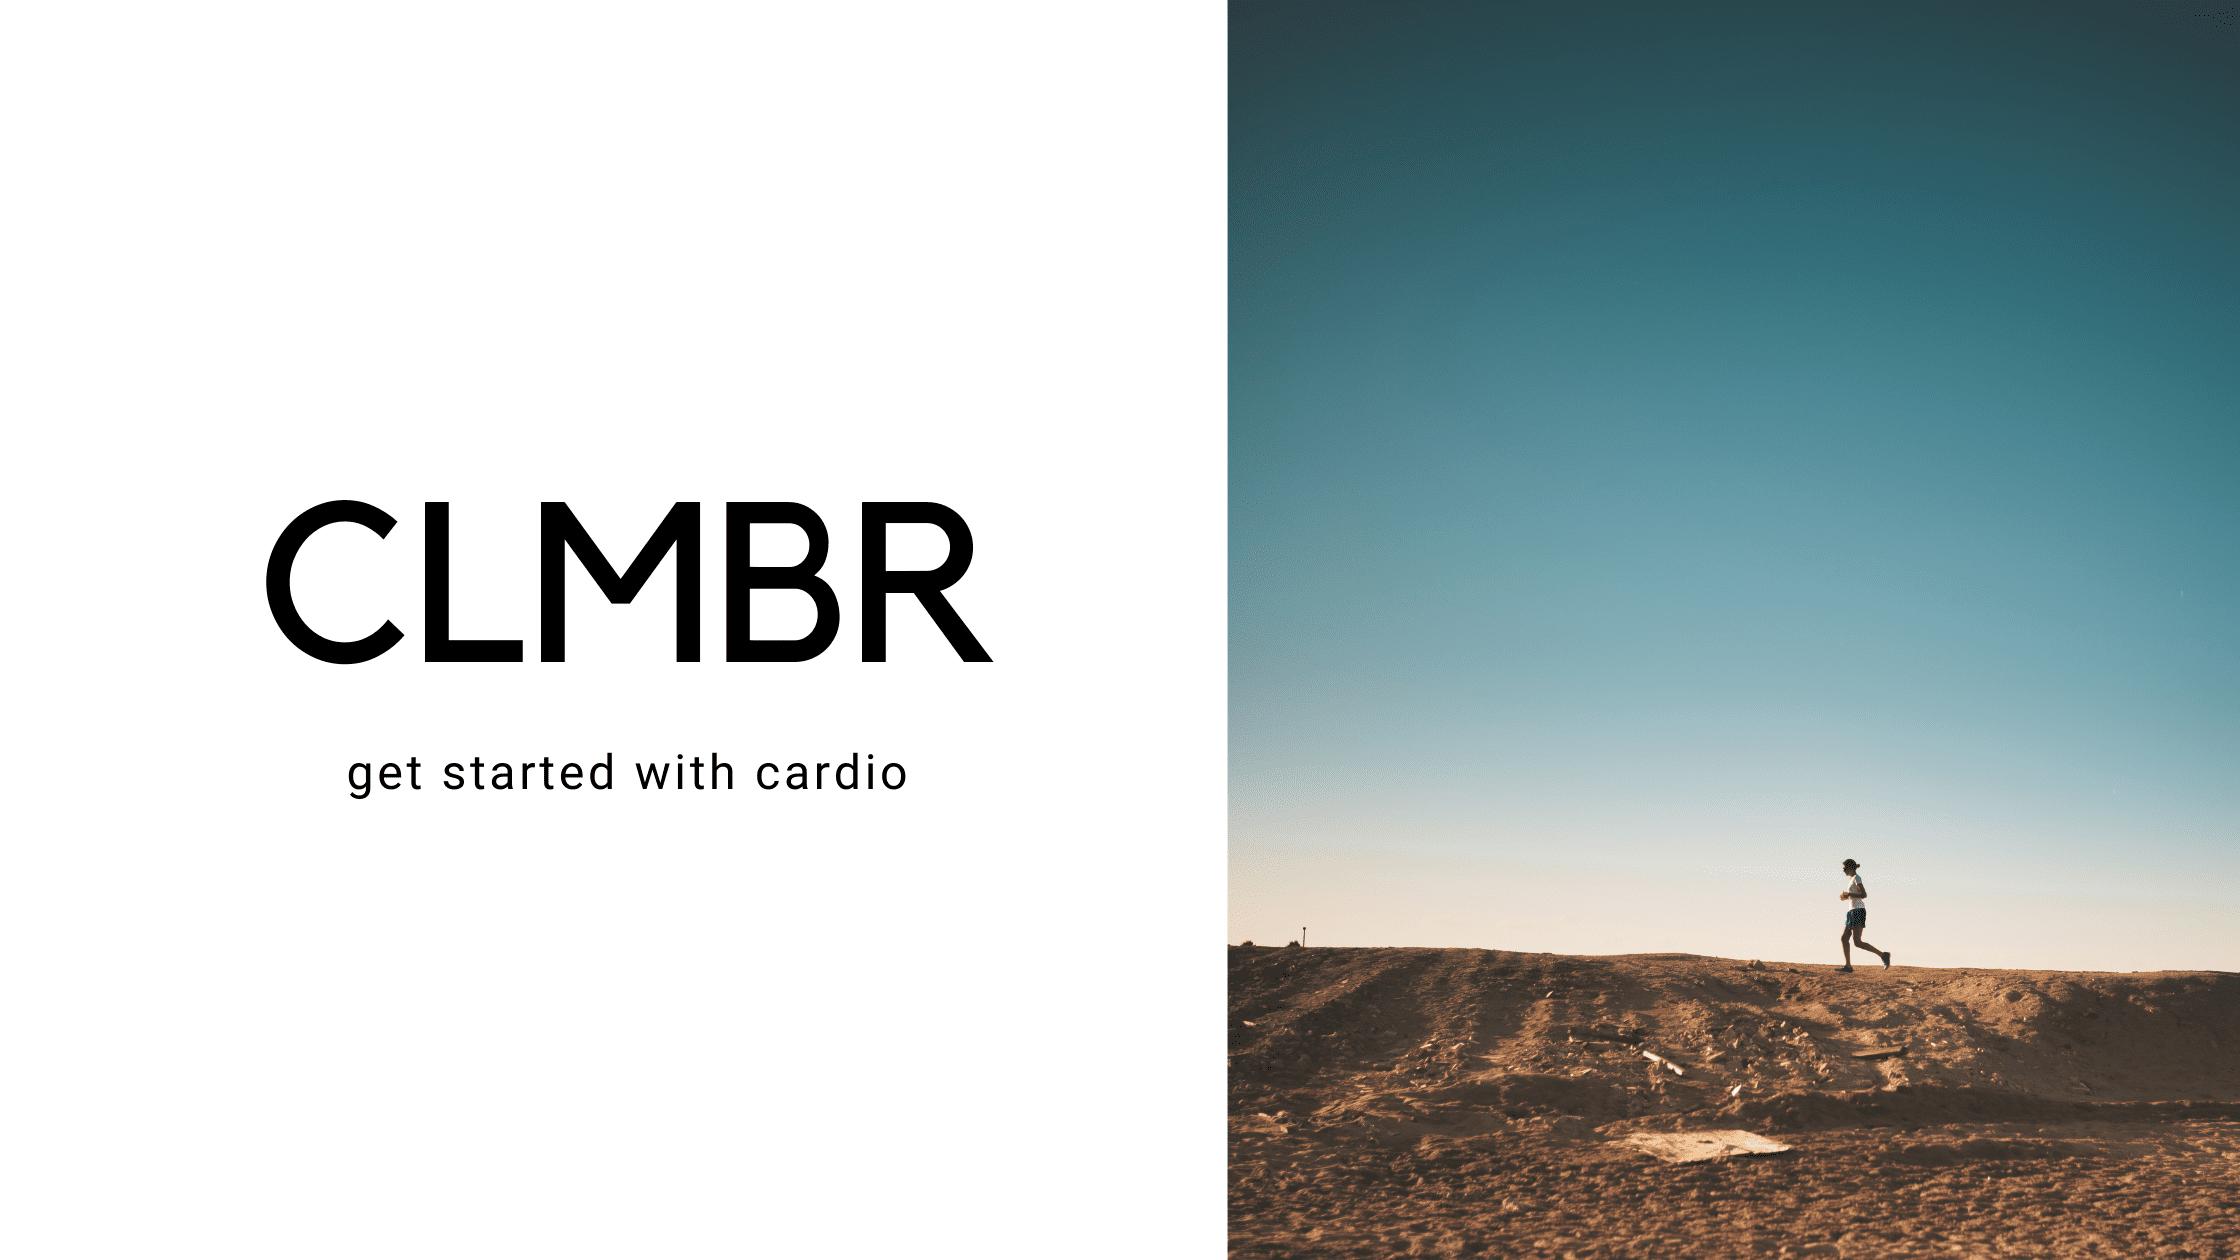 CLMBR